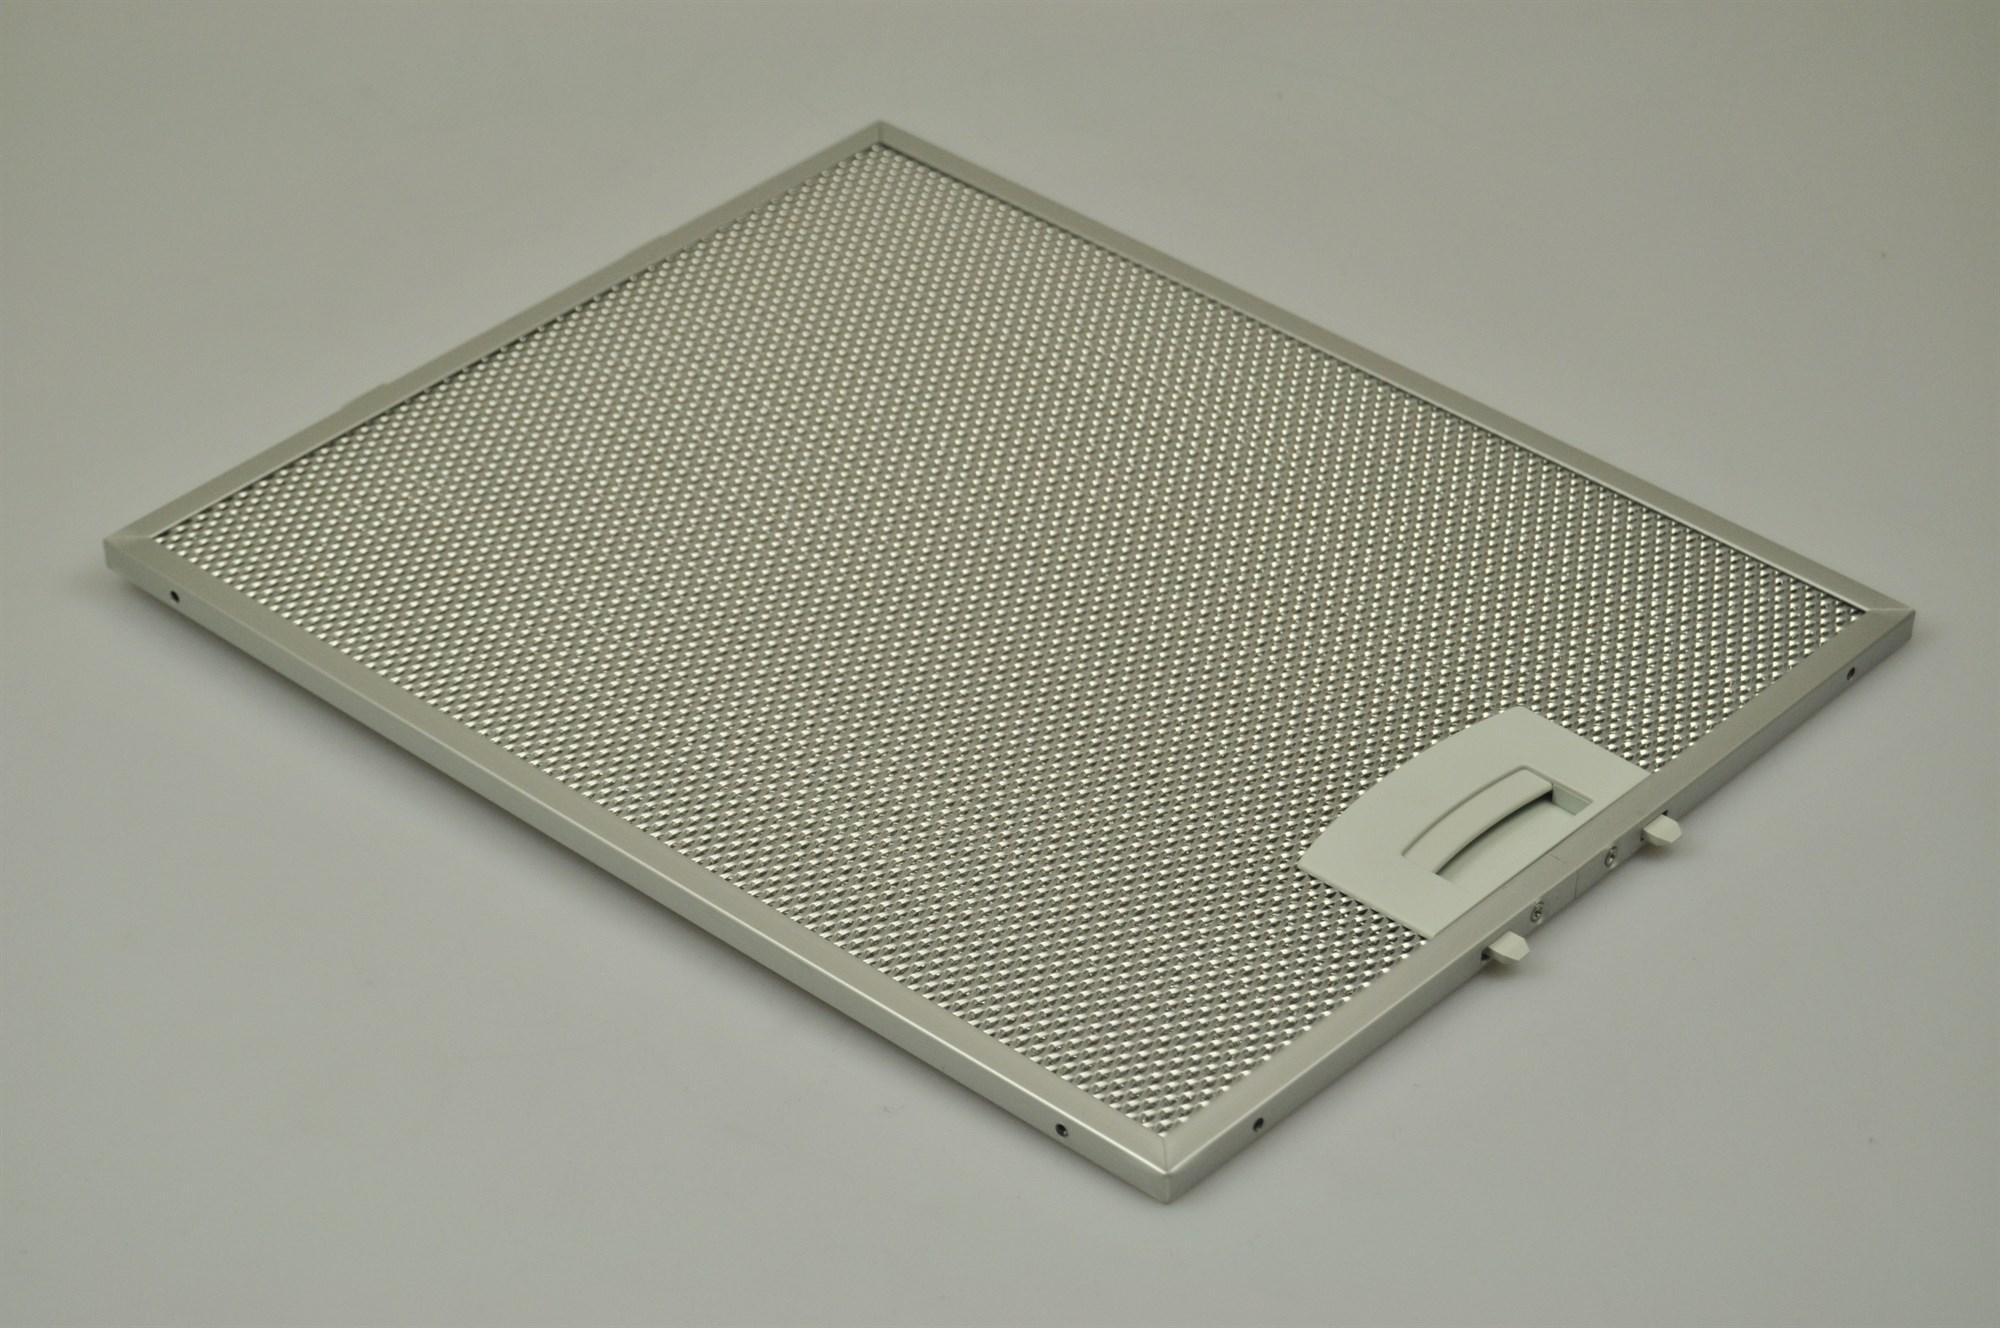 CD66190//01 CD66151//01 Metallfettfilter für Constructa CD66150//07